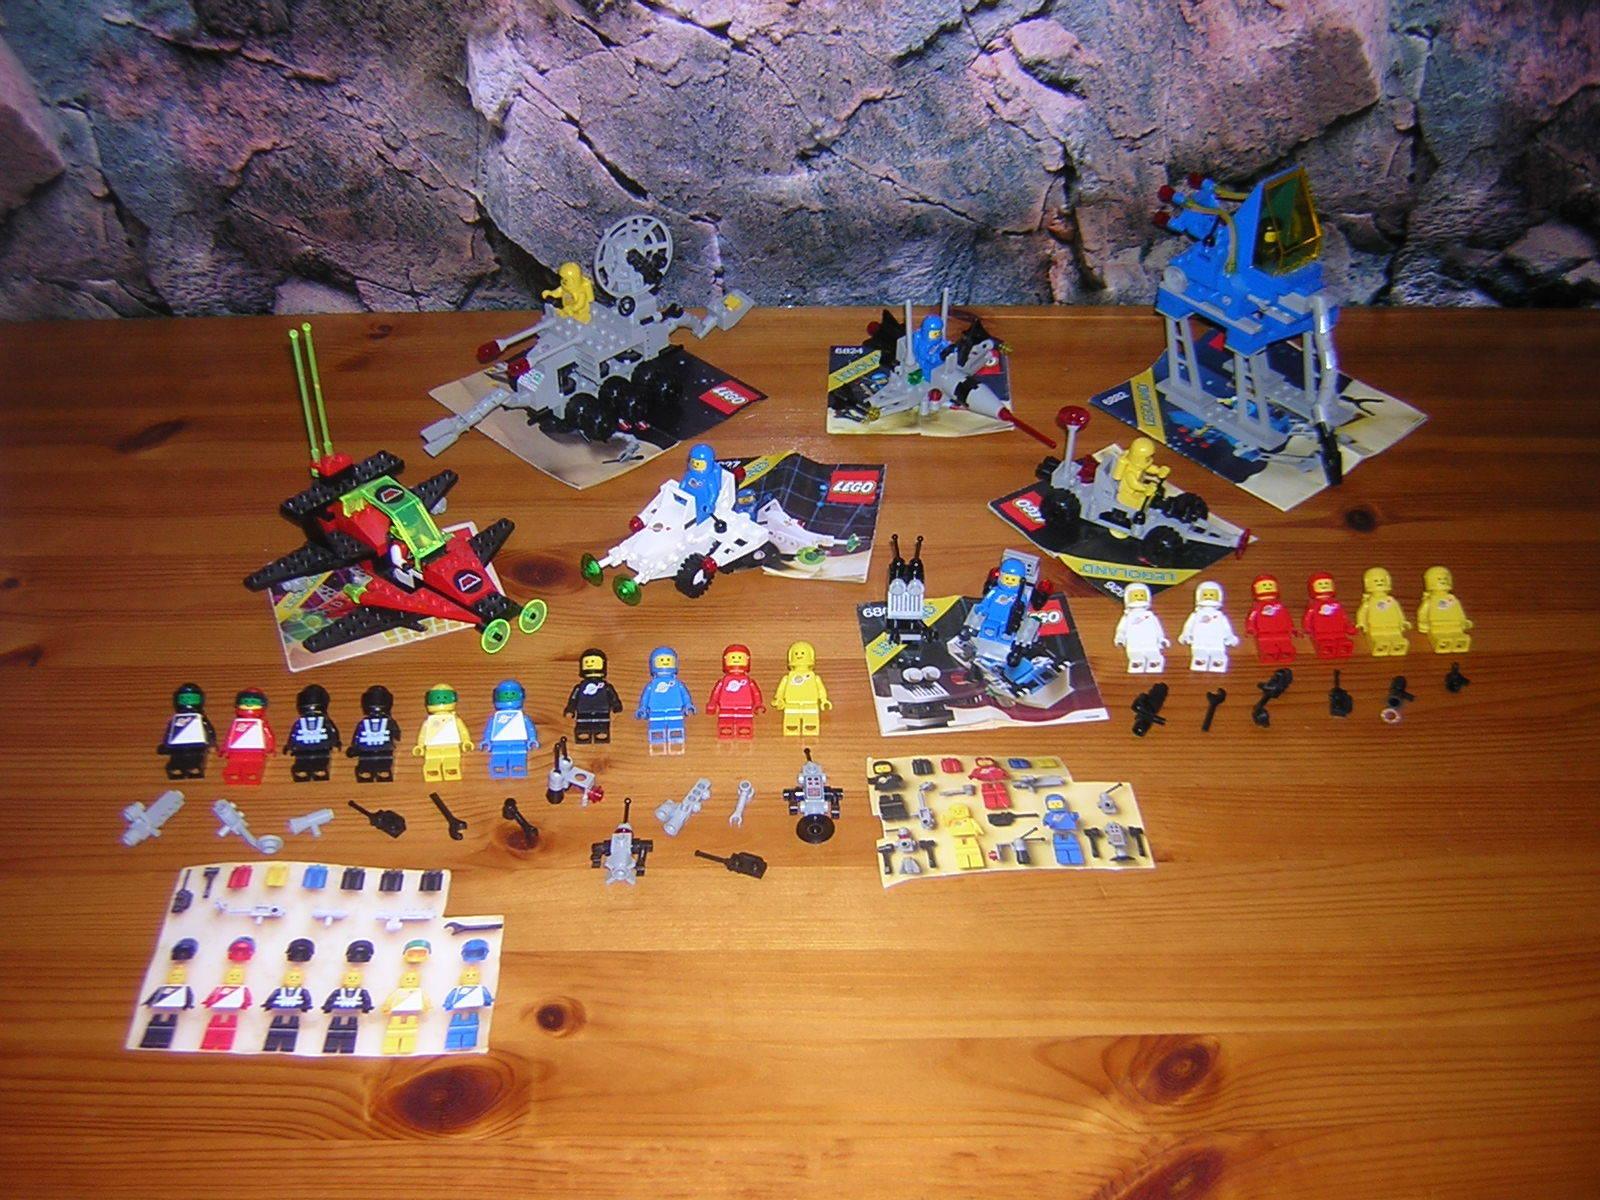 (E13 2) Lego Clasic Legoland Space Ba